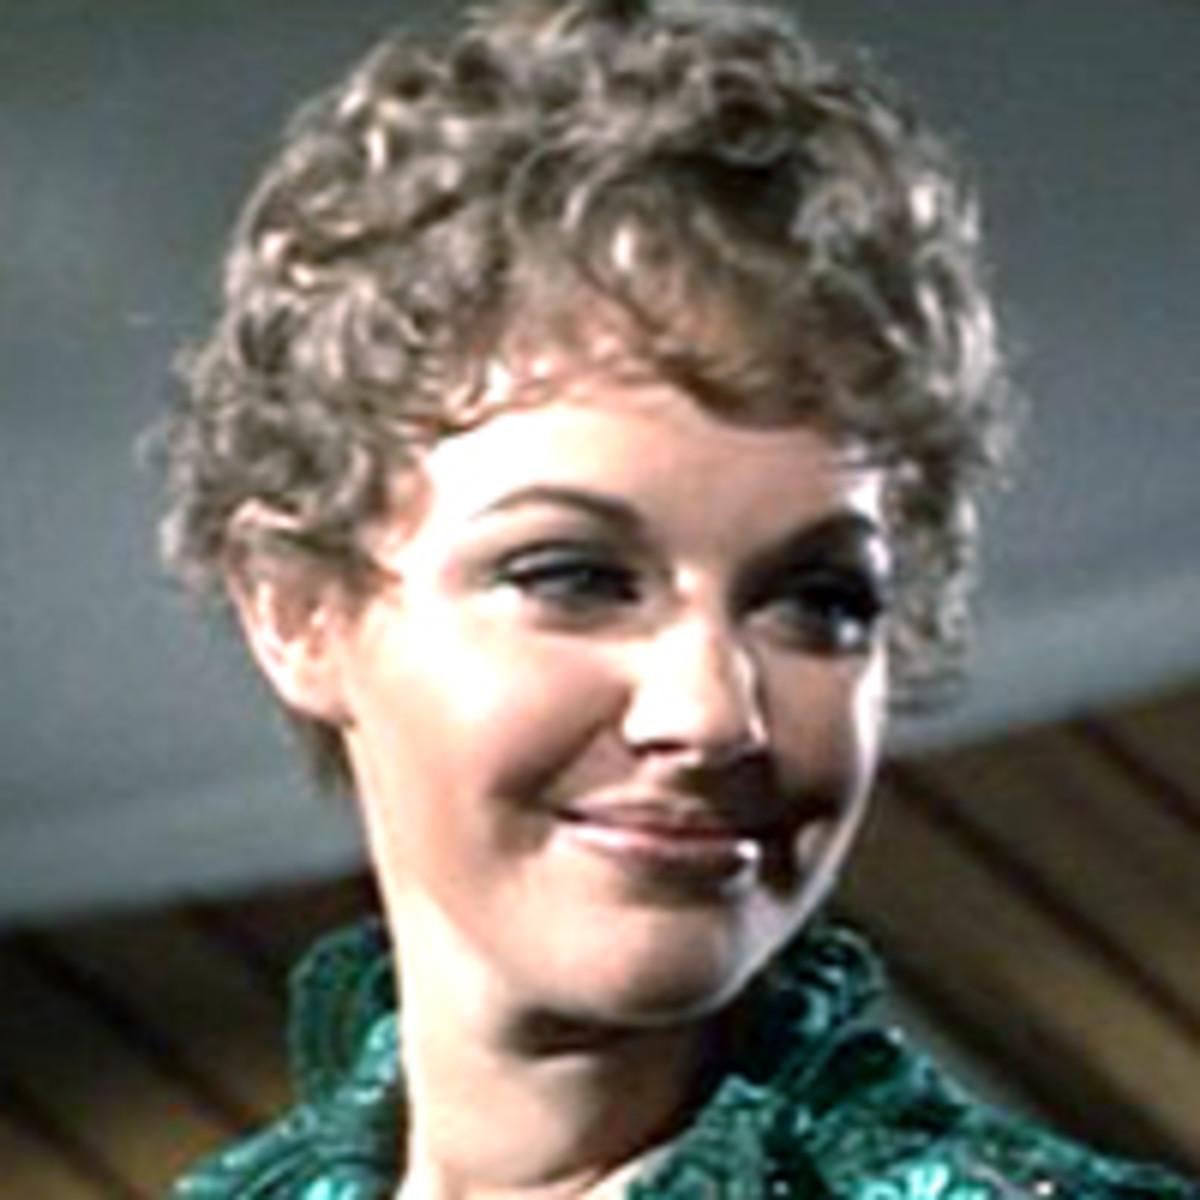 Angela Scoular as Ruby Bartlett